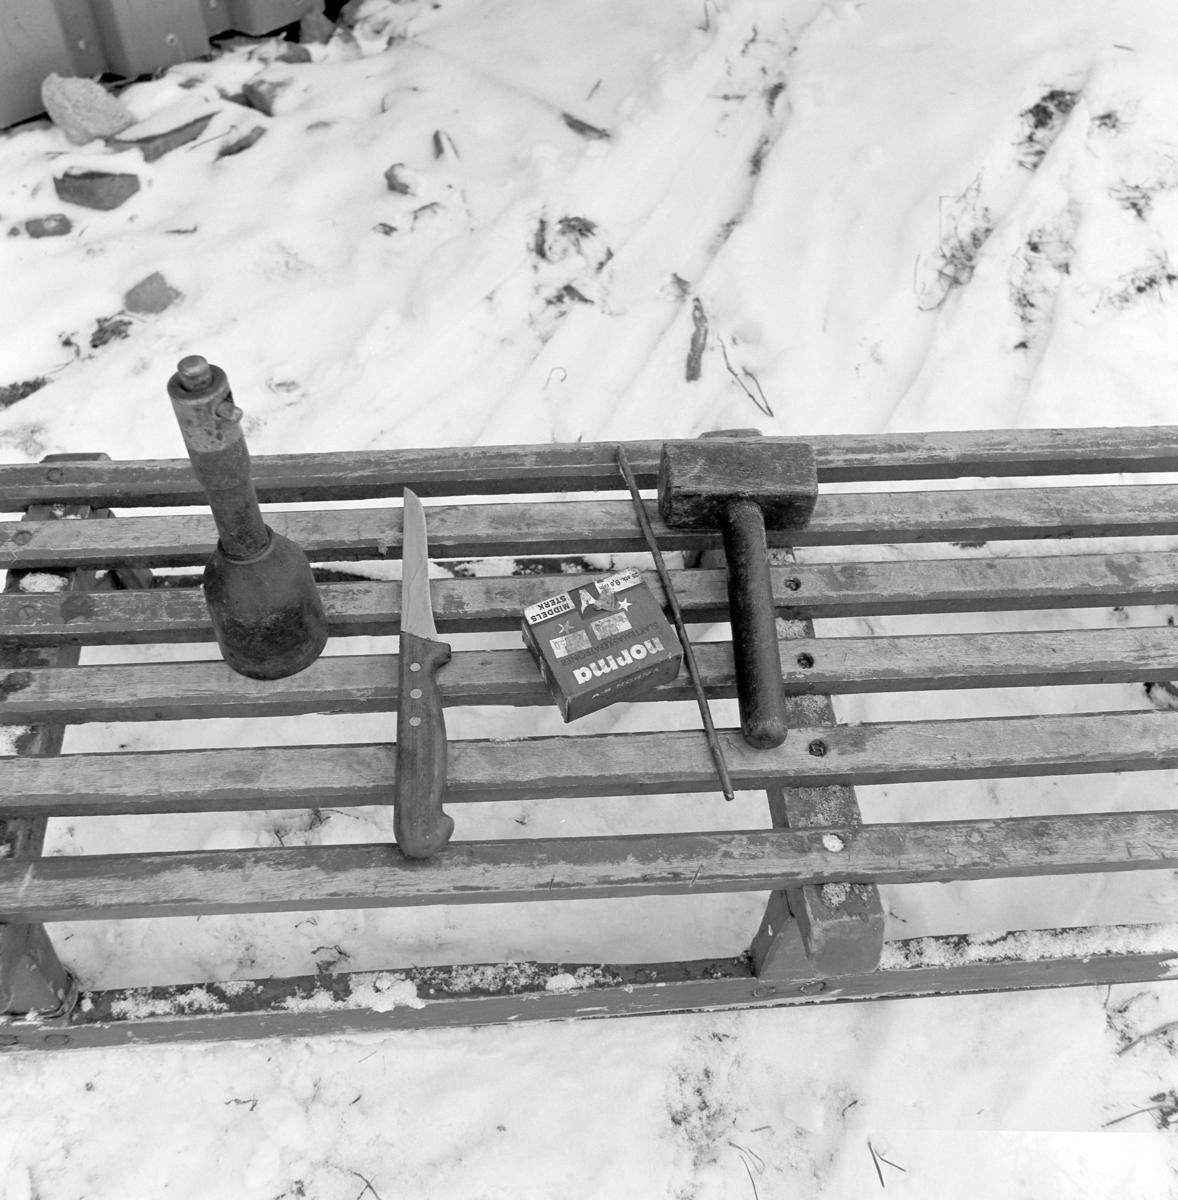 Dokumentasjon av griseslakting i 1977, på Lunde i Gaupen, Ringsaker. Bygdeslakter. Slakterutstyr. Slaktemaske, kniv, patroneske og slaghammer.  Bygdeslakter Johs. Rosenborg.